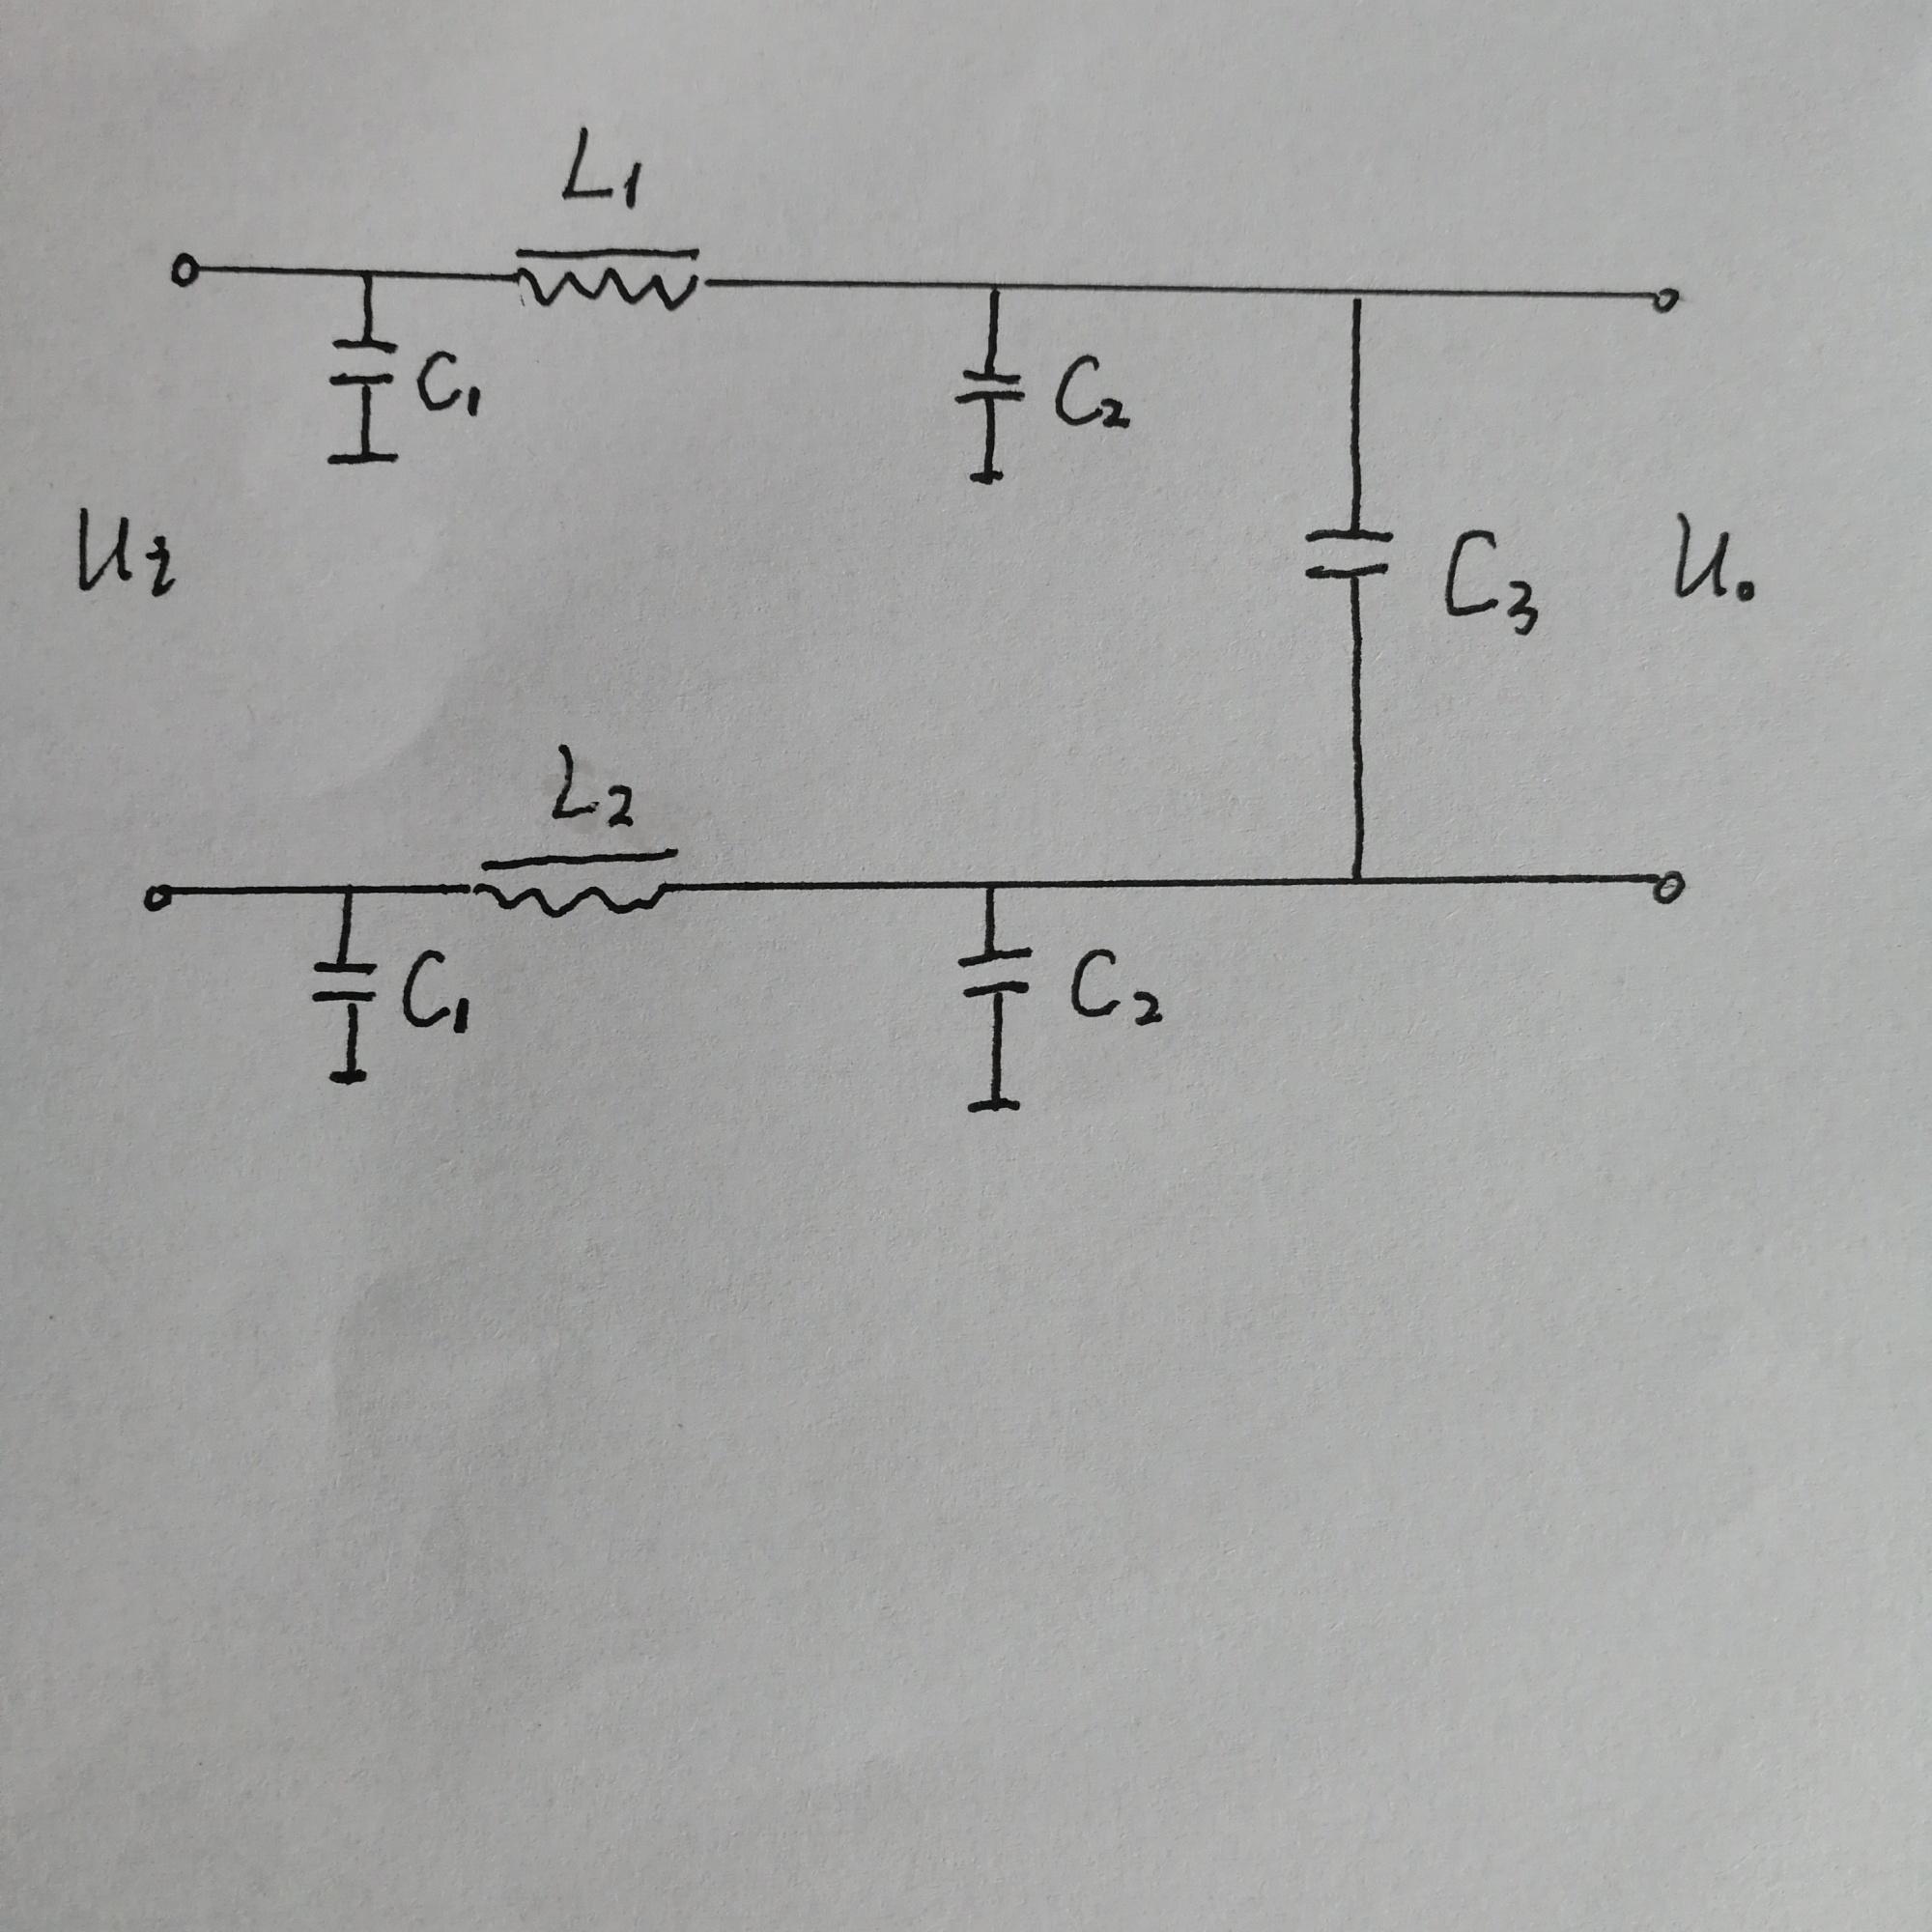 如何求下面电路的传递函数